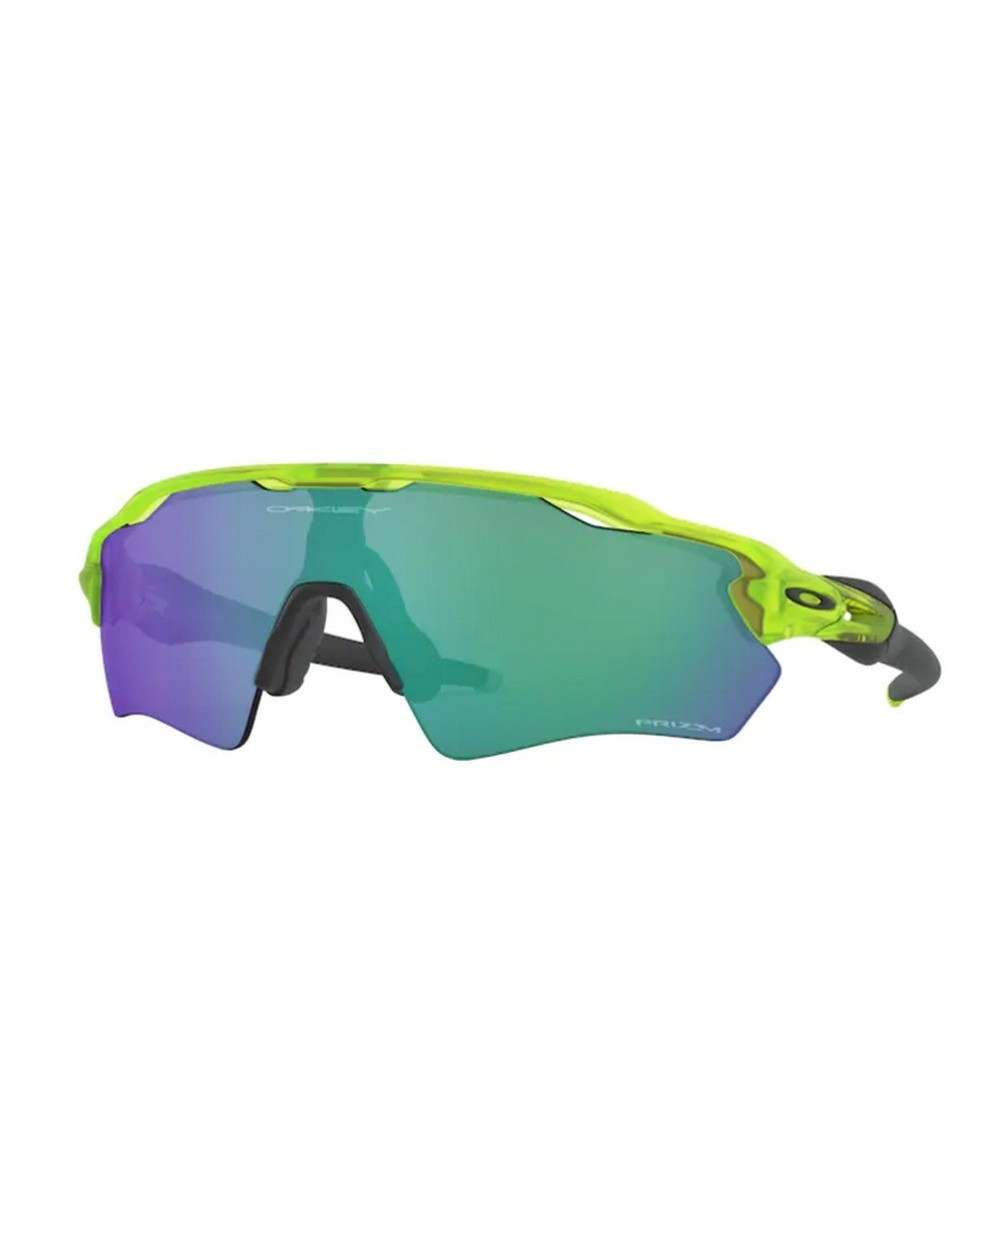 Sunglasses Oakley Youth OJ 9001 original packaging, warranty italy